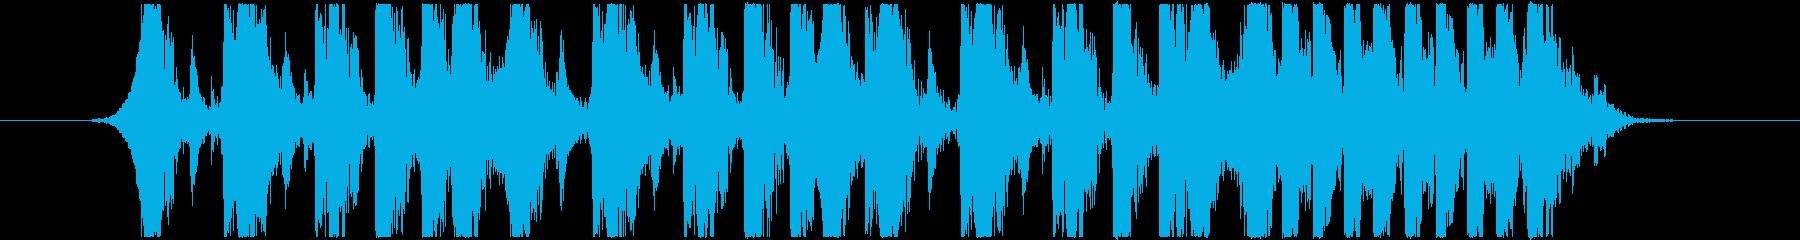 ドラムジングル!10秒の再生済みの波形